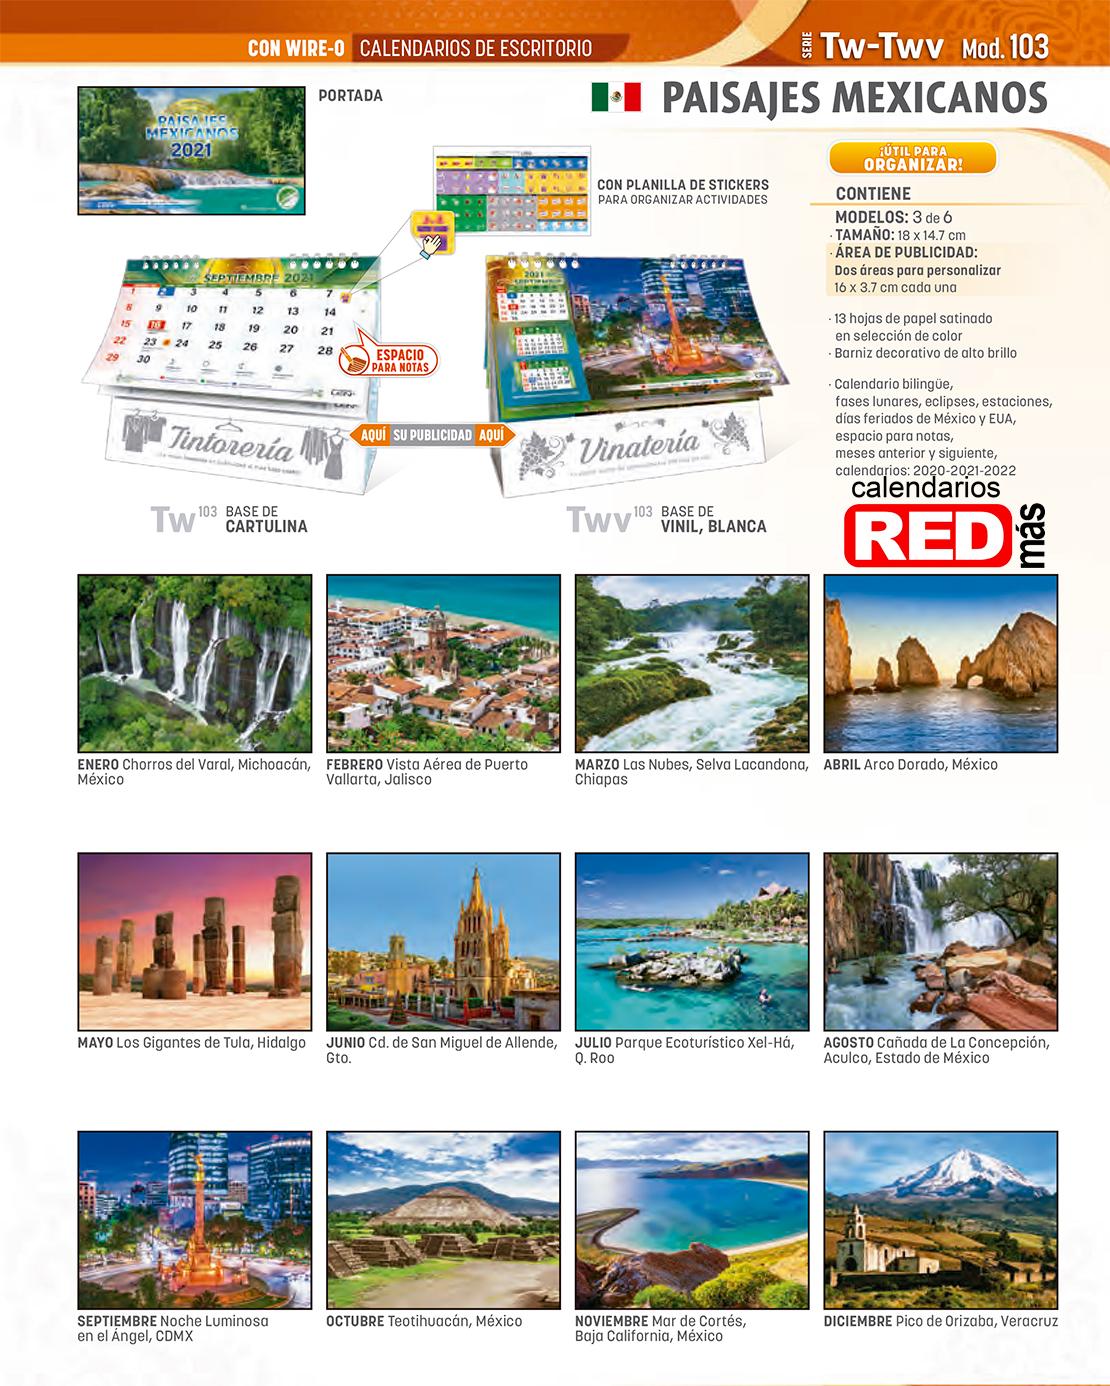 07-Catalogo-Calendarios-LEN-2021-paisajes-mexicanos-mod-103-calendarios-red-2021.jpg